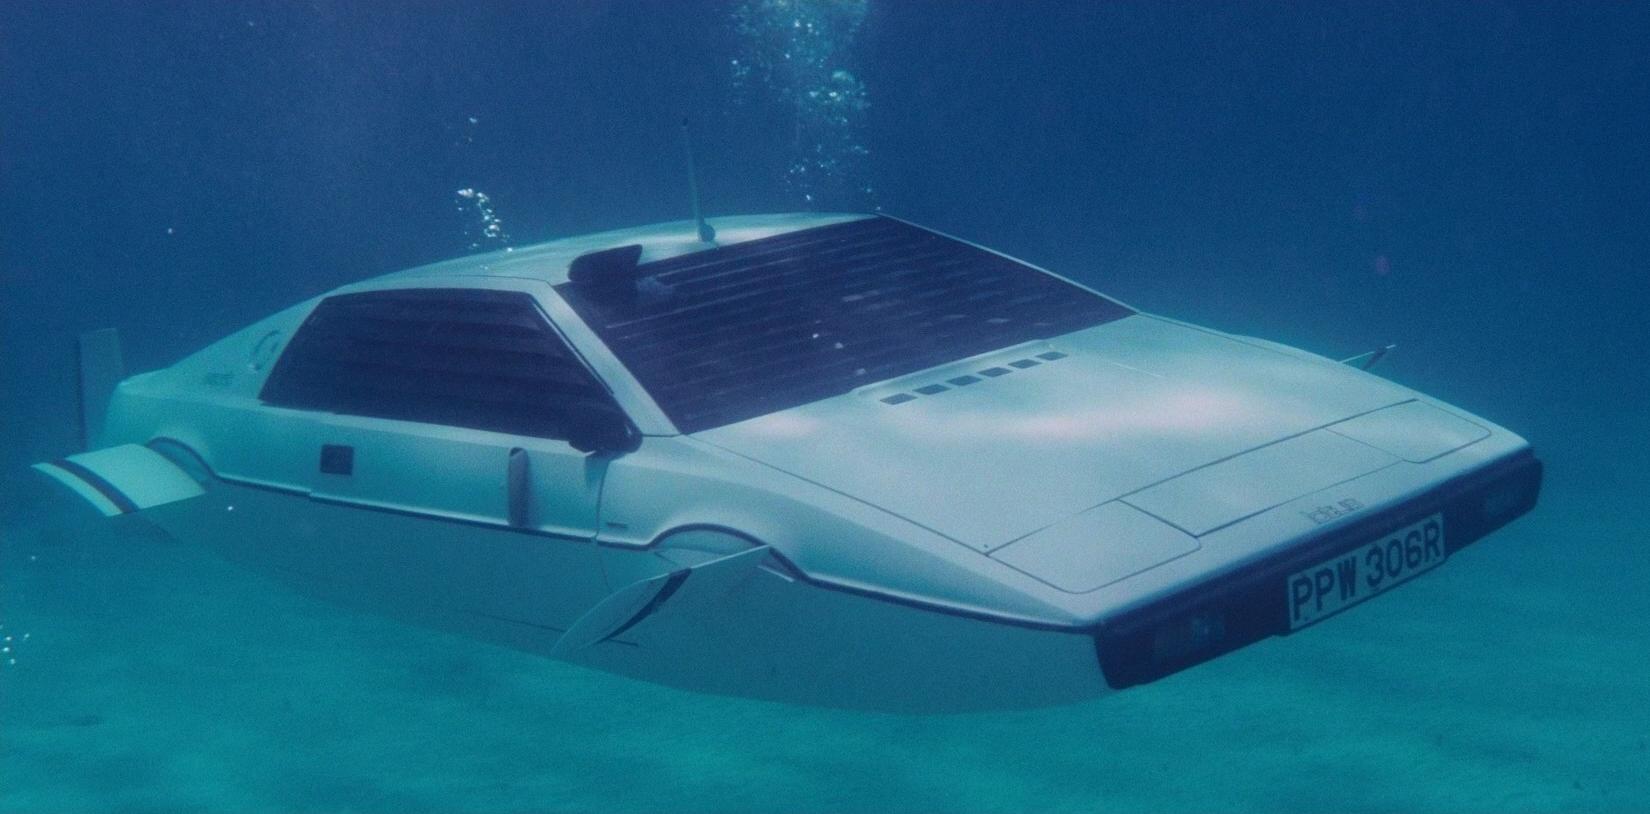 Lotus_esprit_S1_submarine